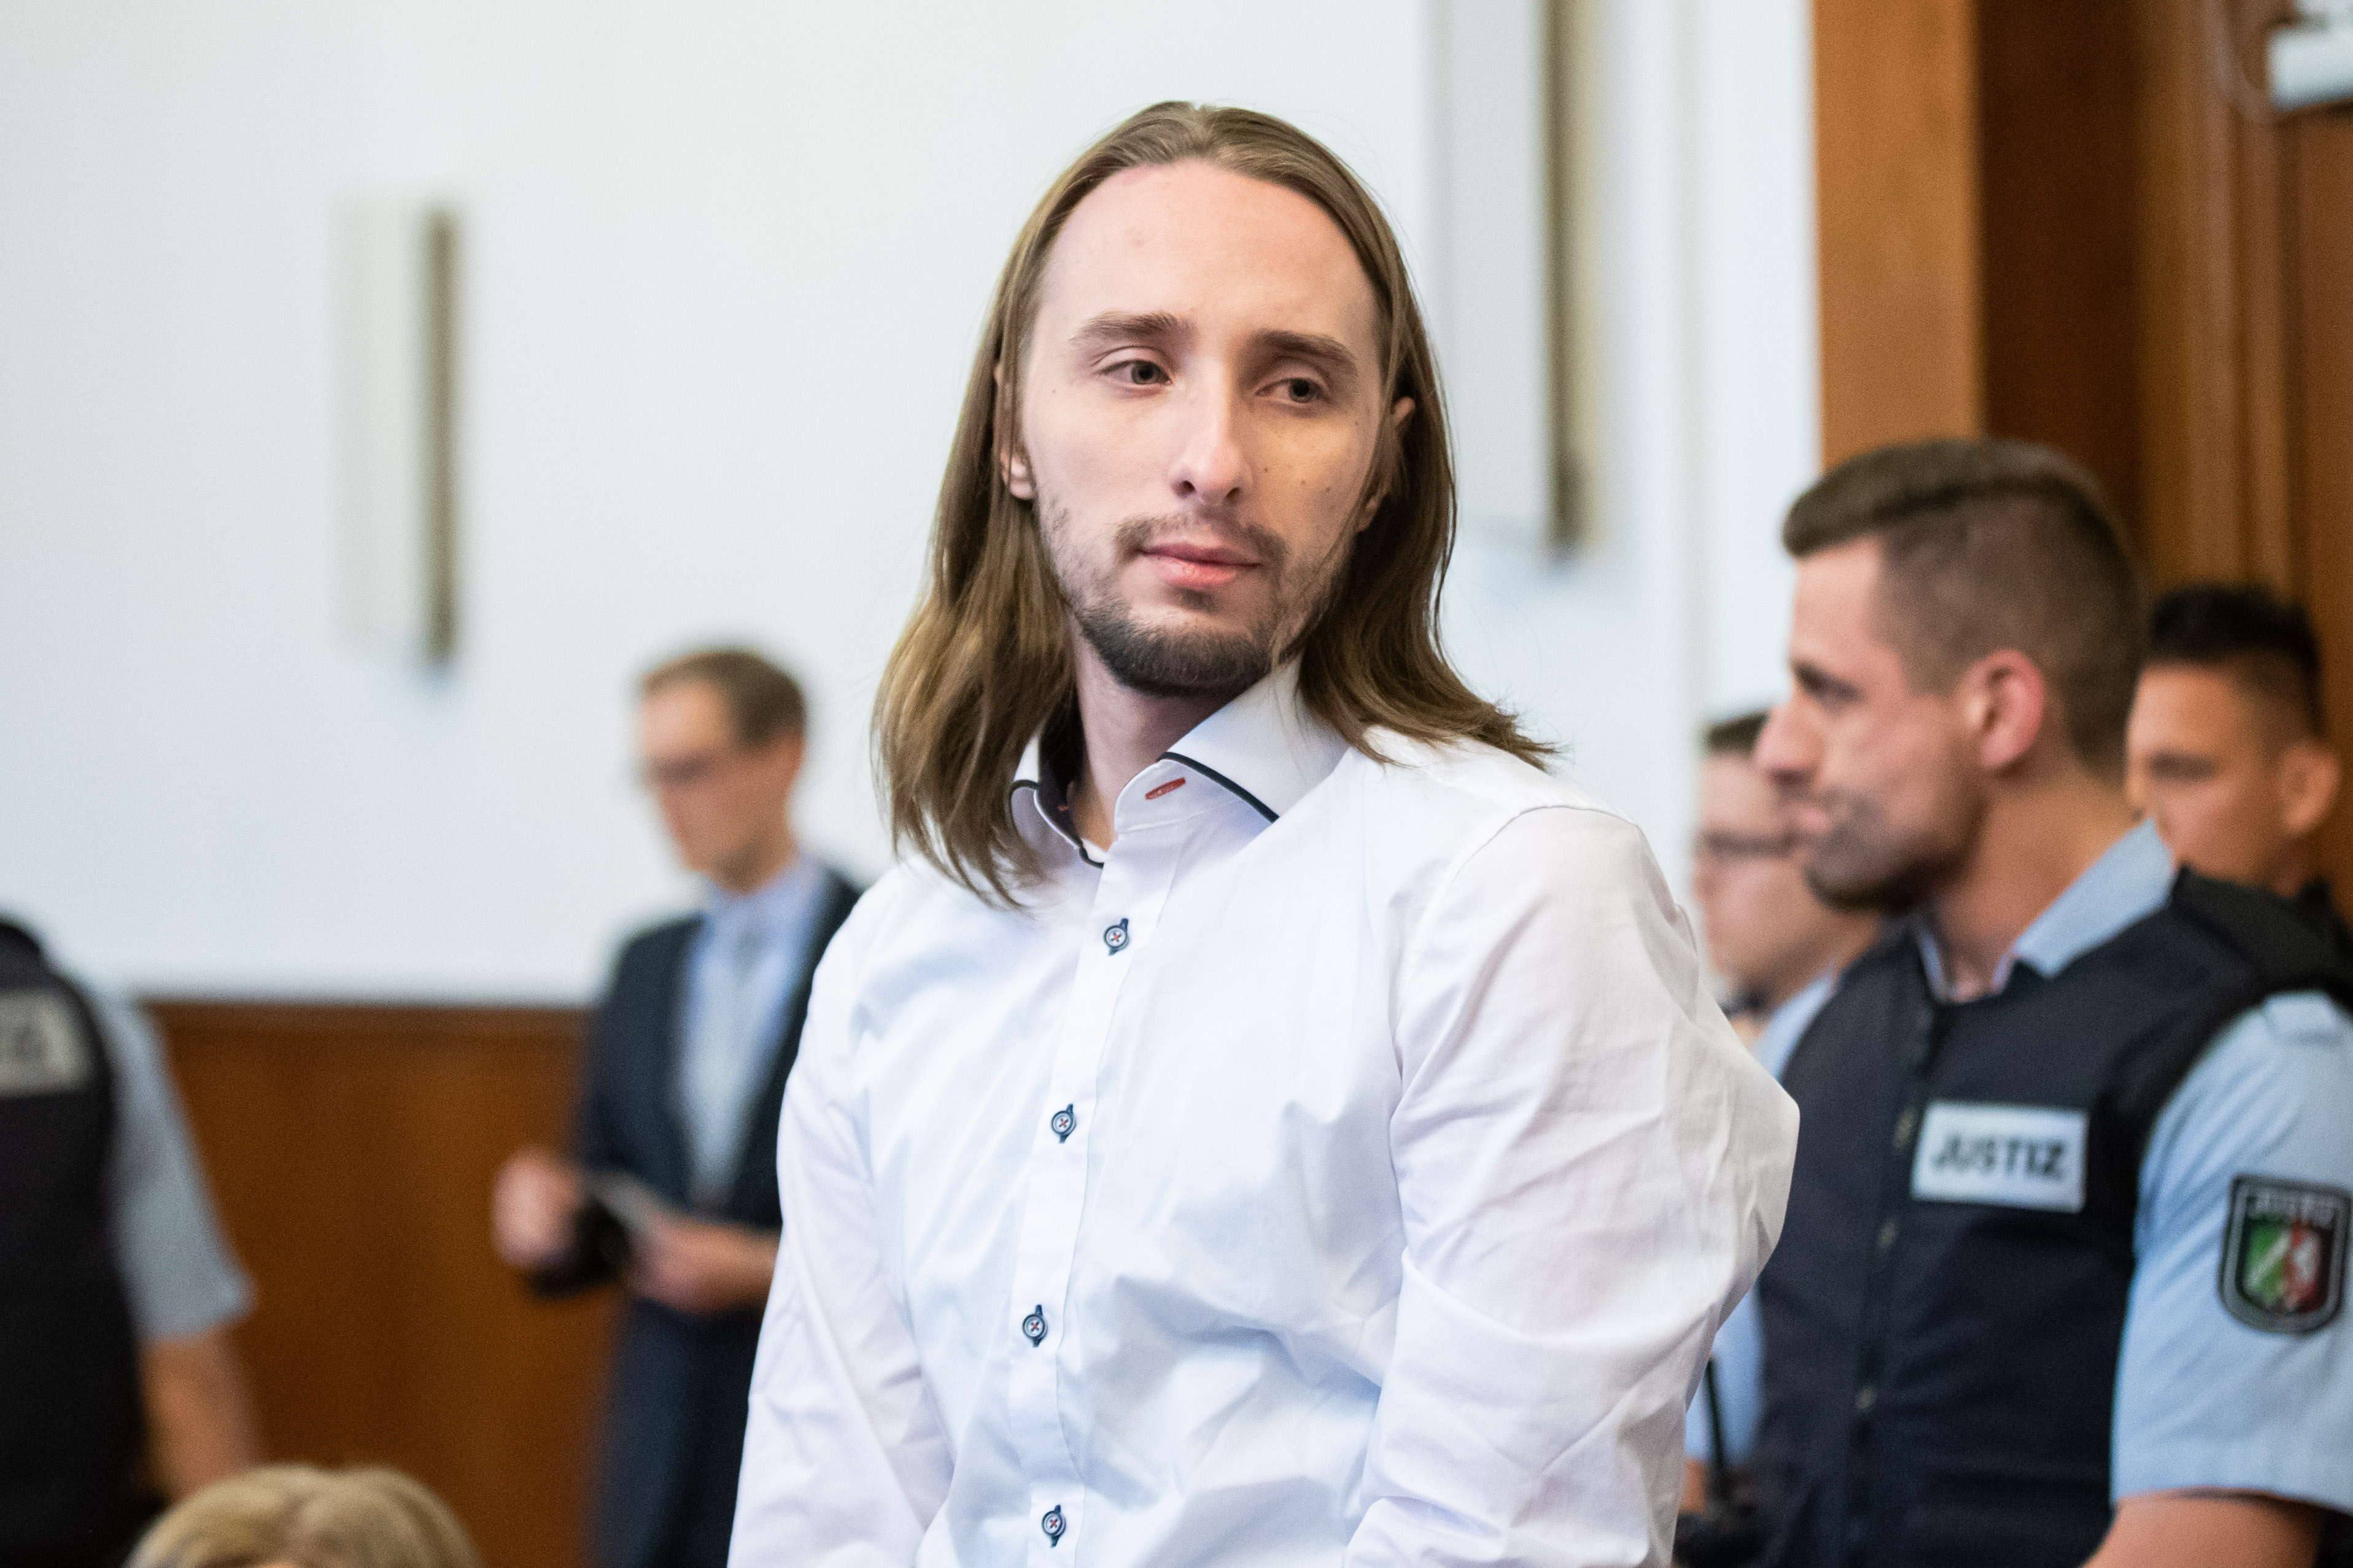 14 évre ítélték a férfit, aki megpróbálta felrobbantani a Borussia Dortmundot szállító buszt